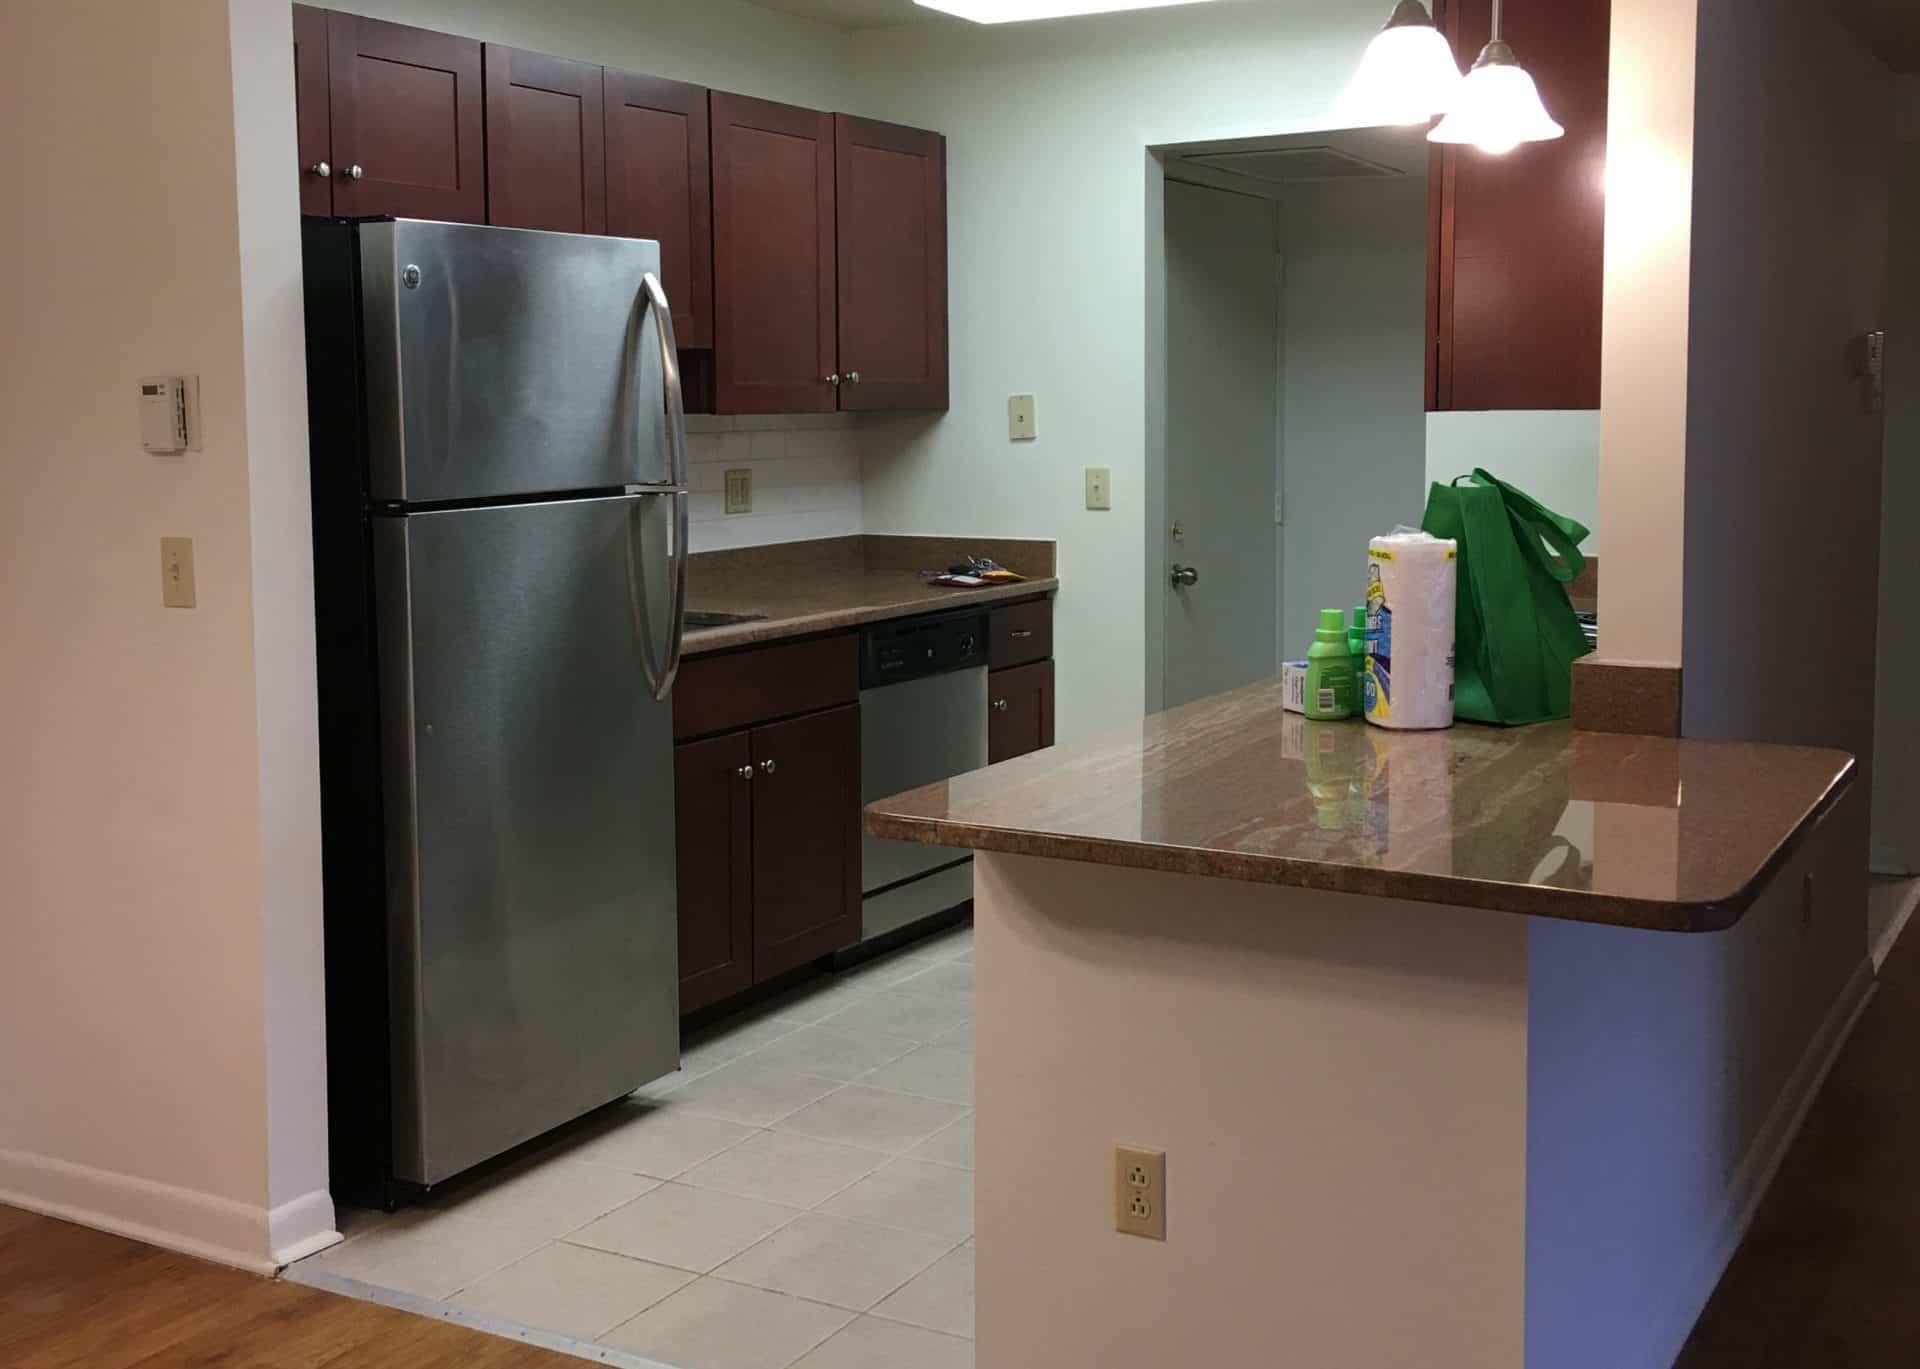 kitchen island and kitchen